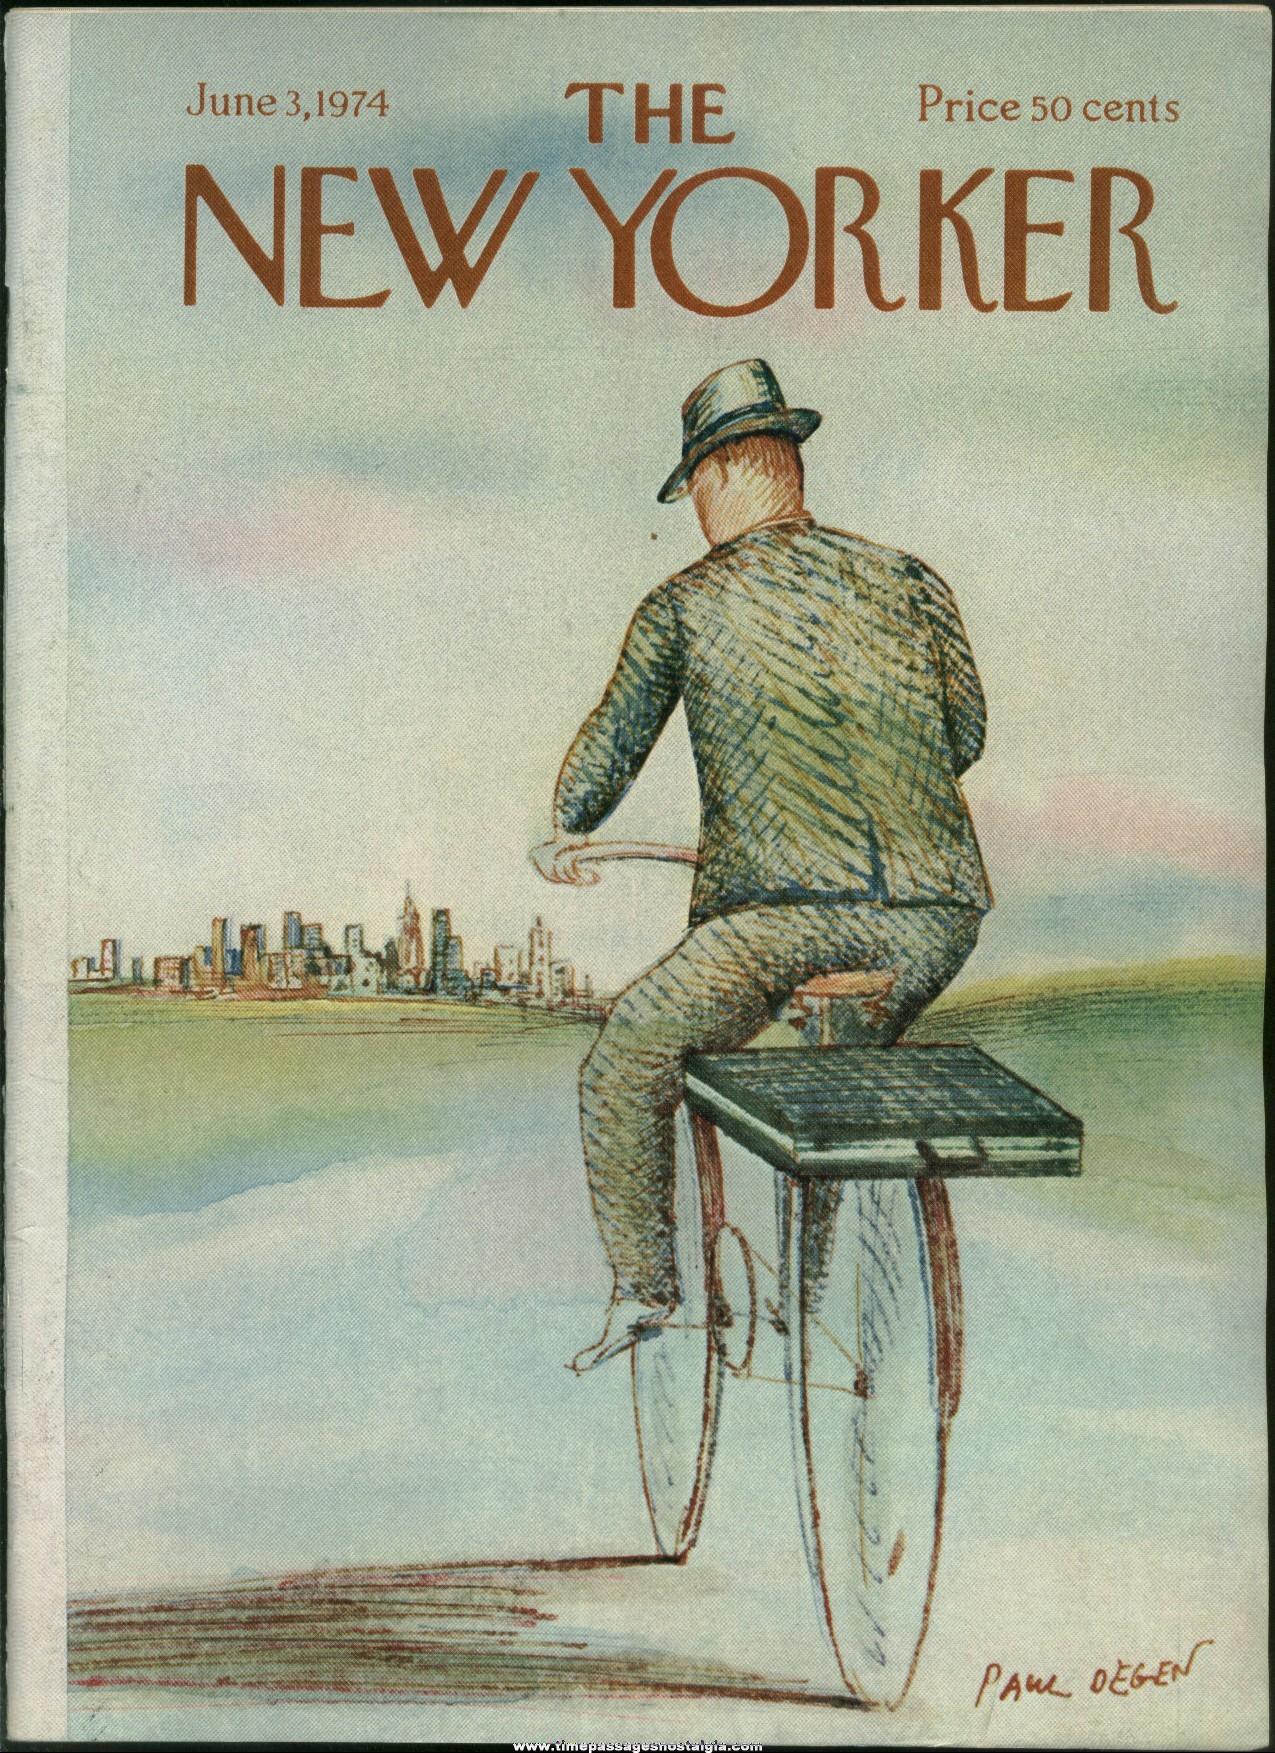 New Yorker Magazine - June 3, 1974 - Cover by Paul Degen